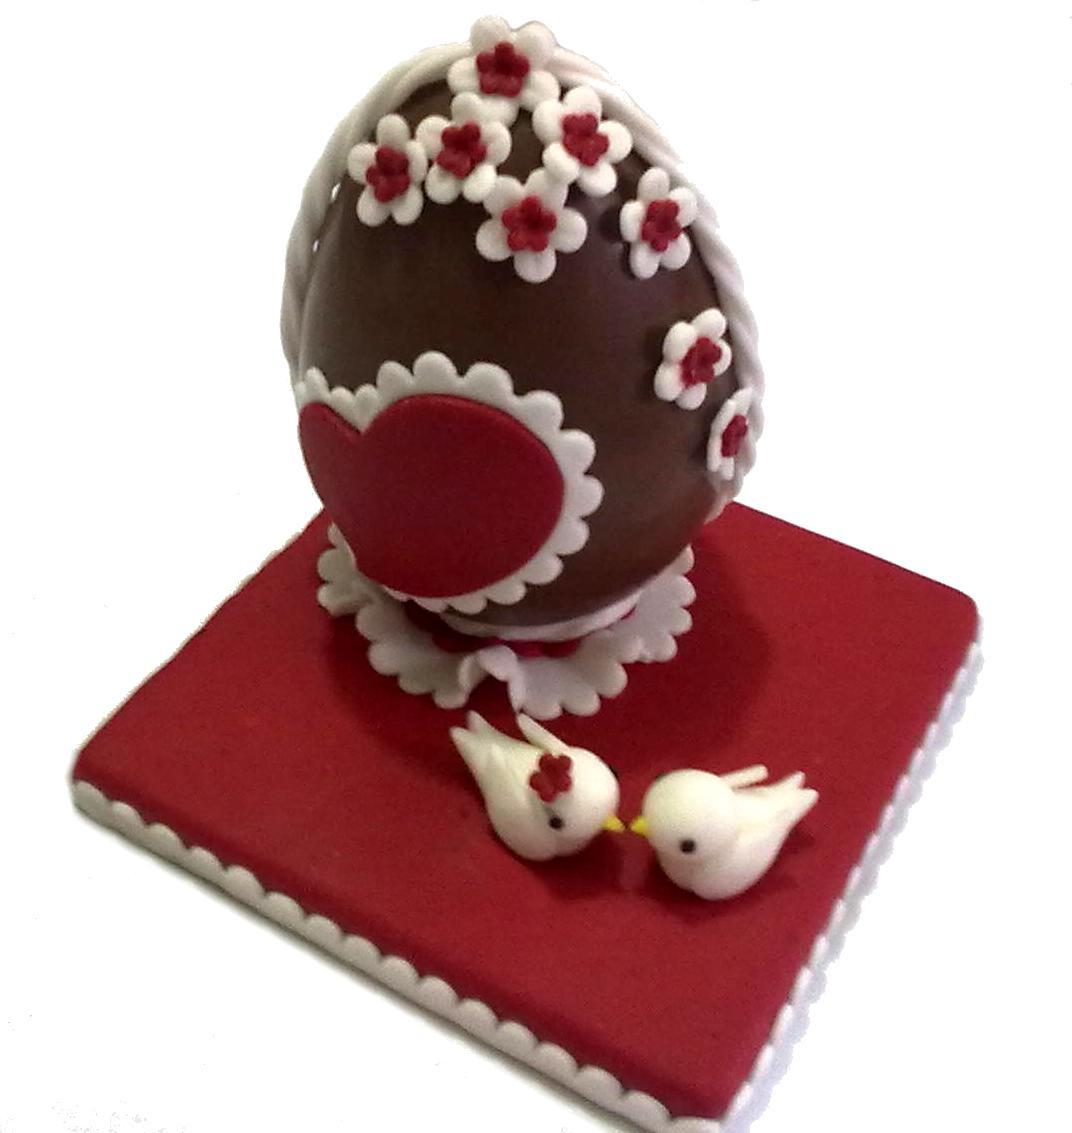 abbastanza Alessandra e i suoi dolci: Uovo di Pasqua decorato BI16